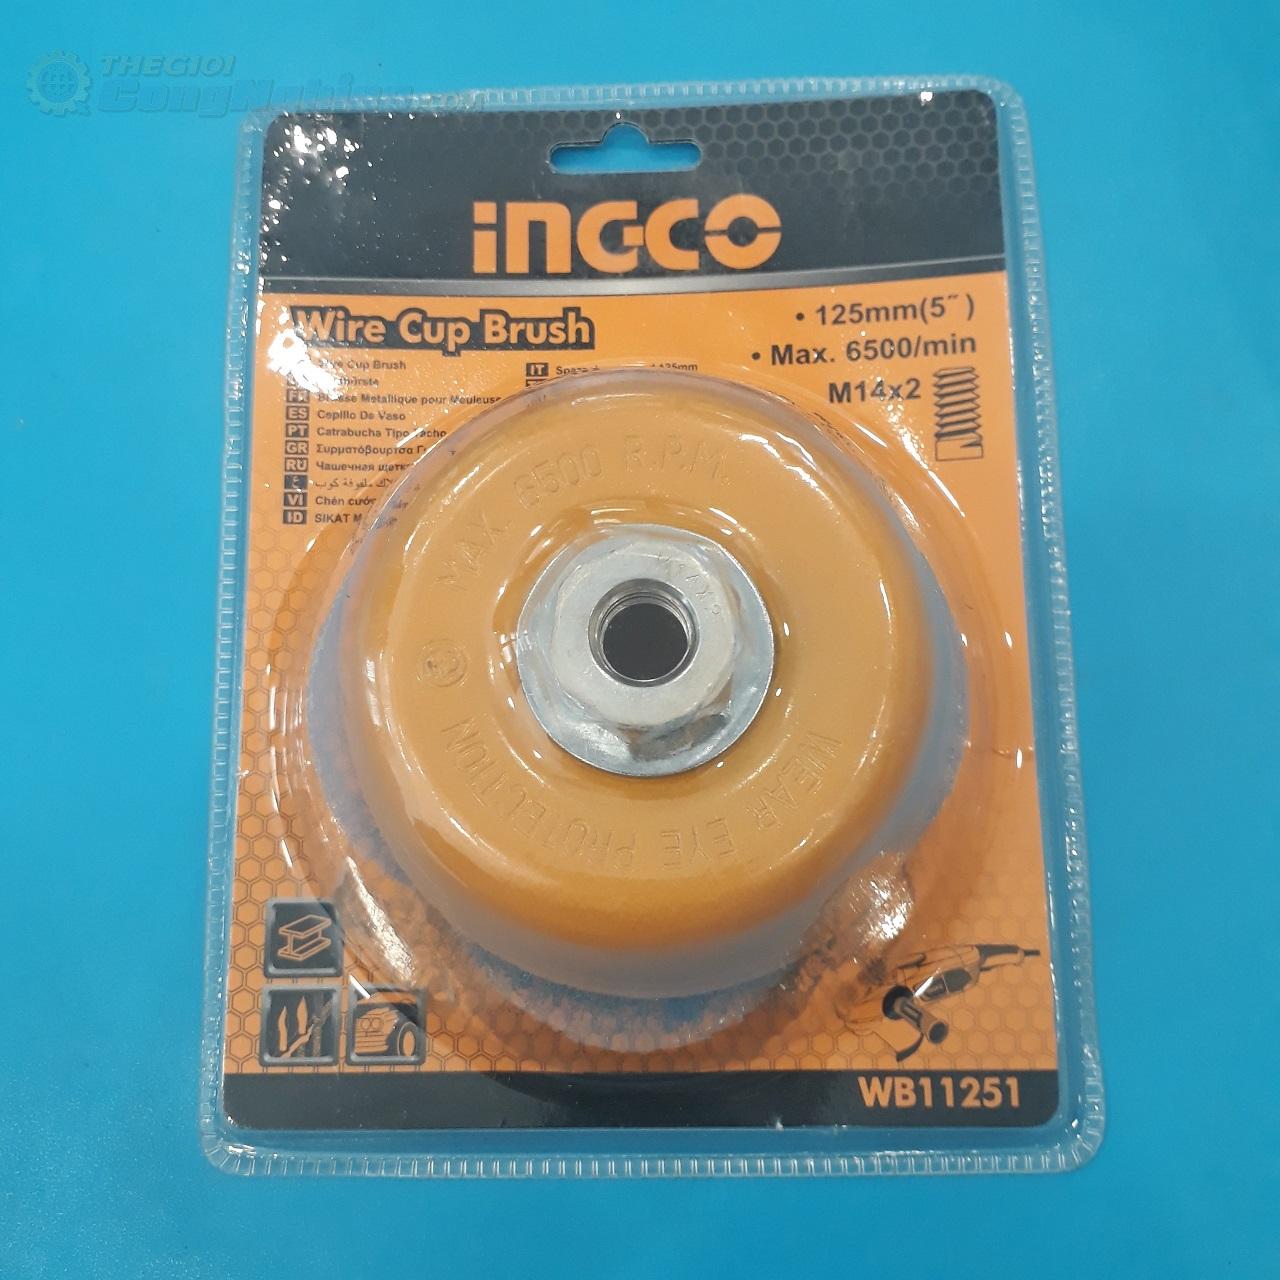 Chén cước thẳng 125mm  WB11251 INGCO